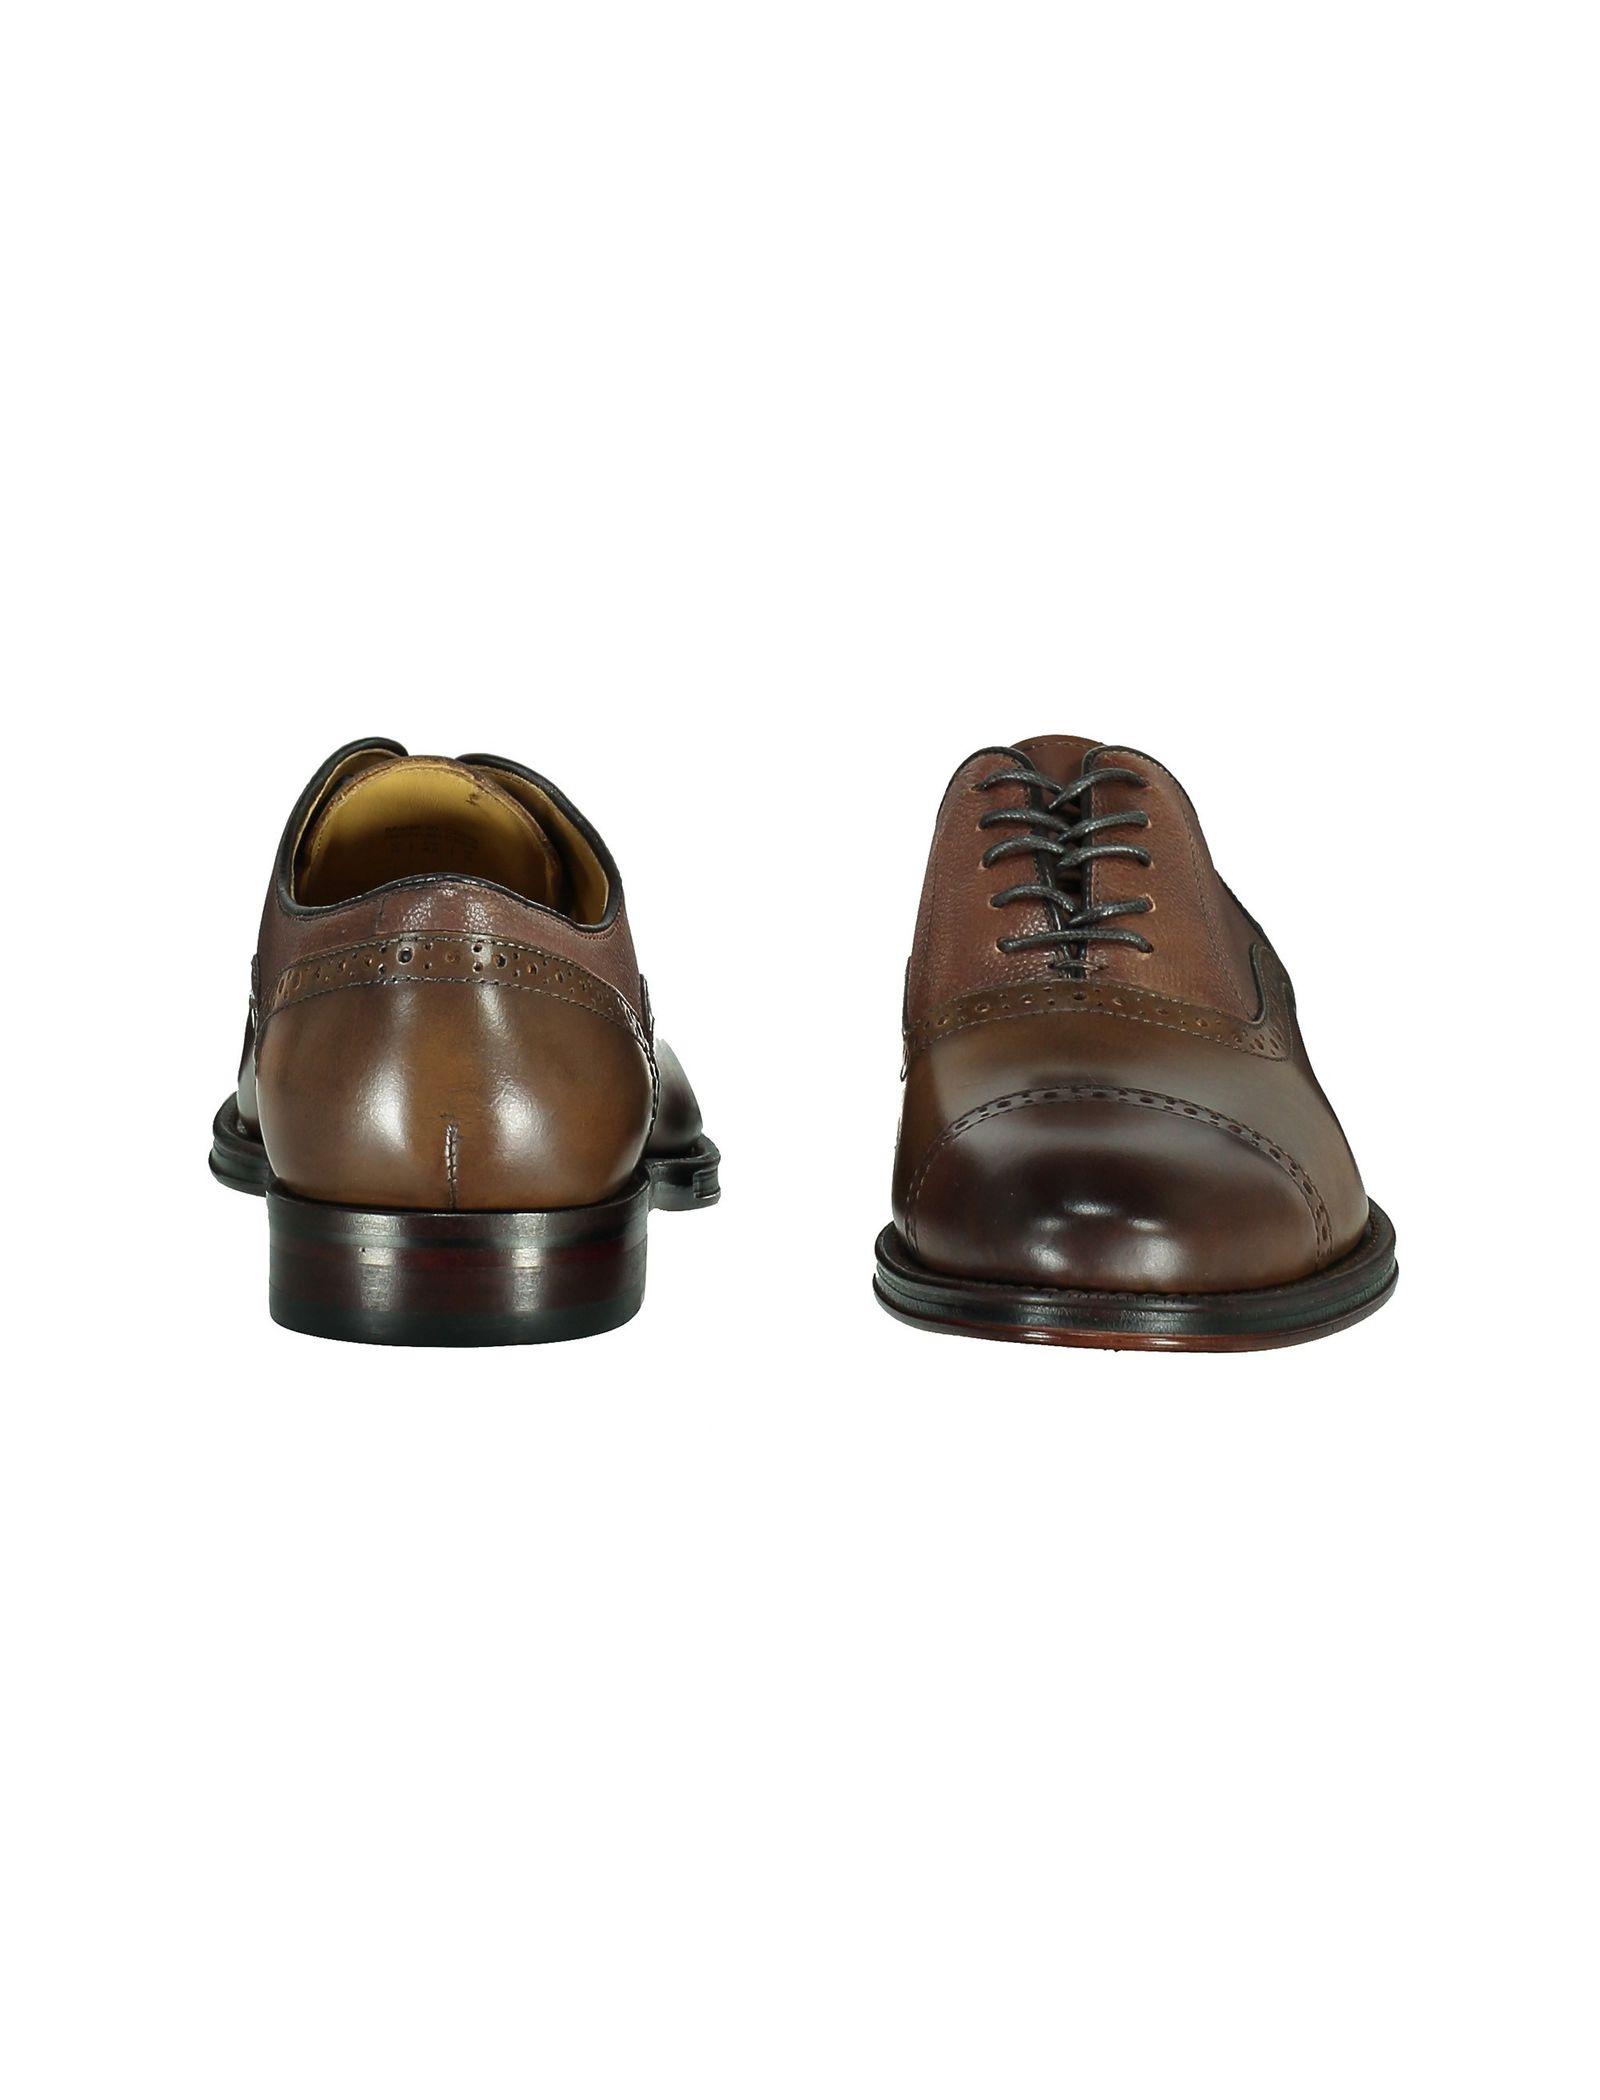 کفش رسمی چرم مردانه - آلدو - قهوه اي - 5